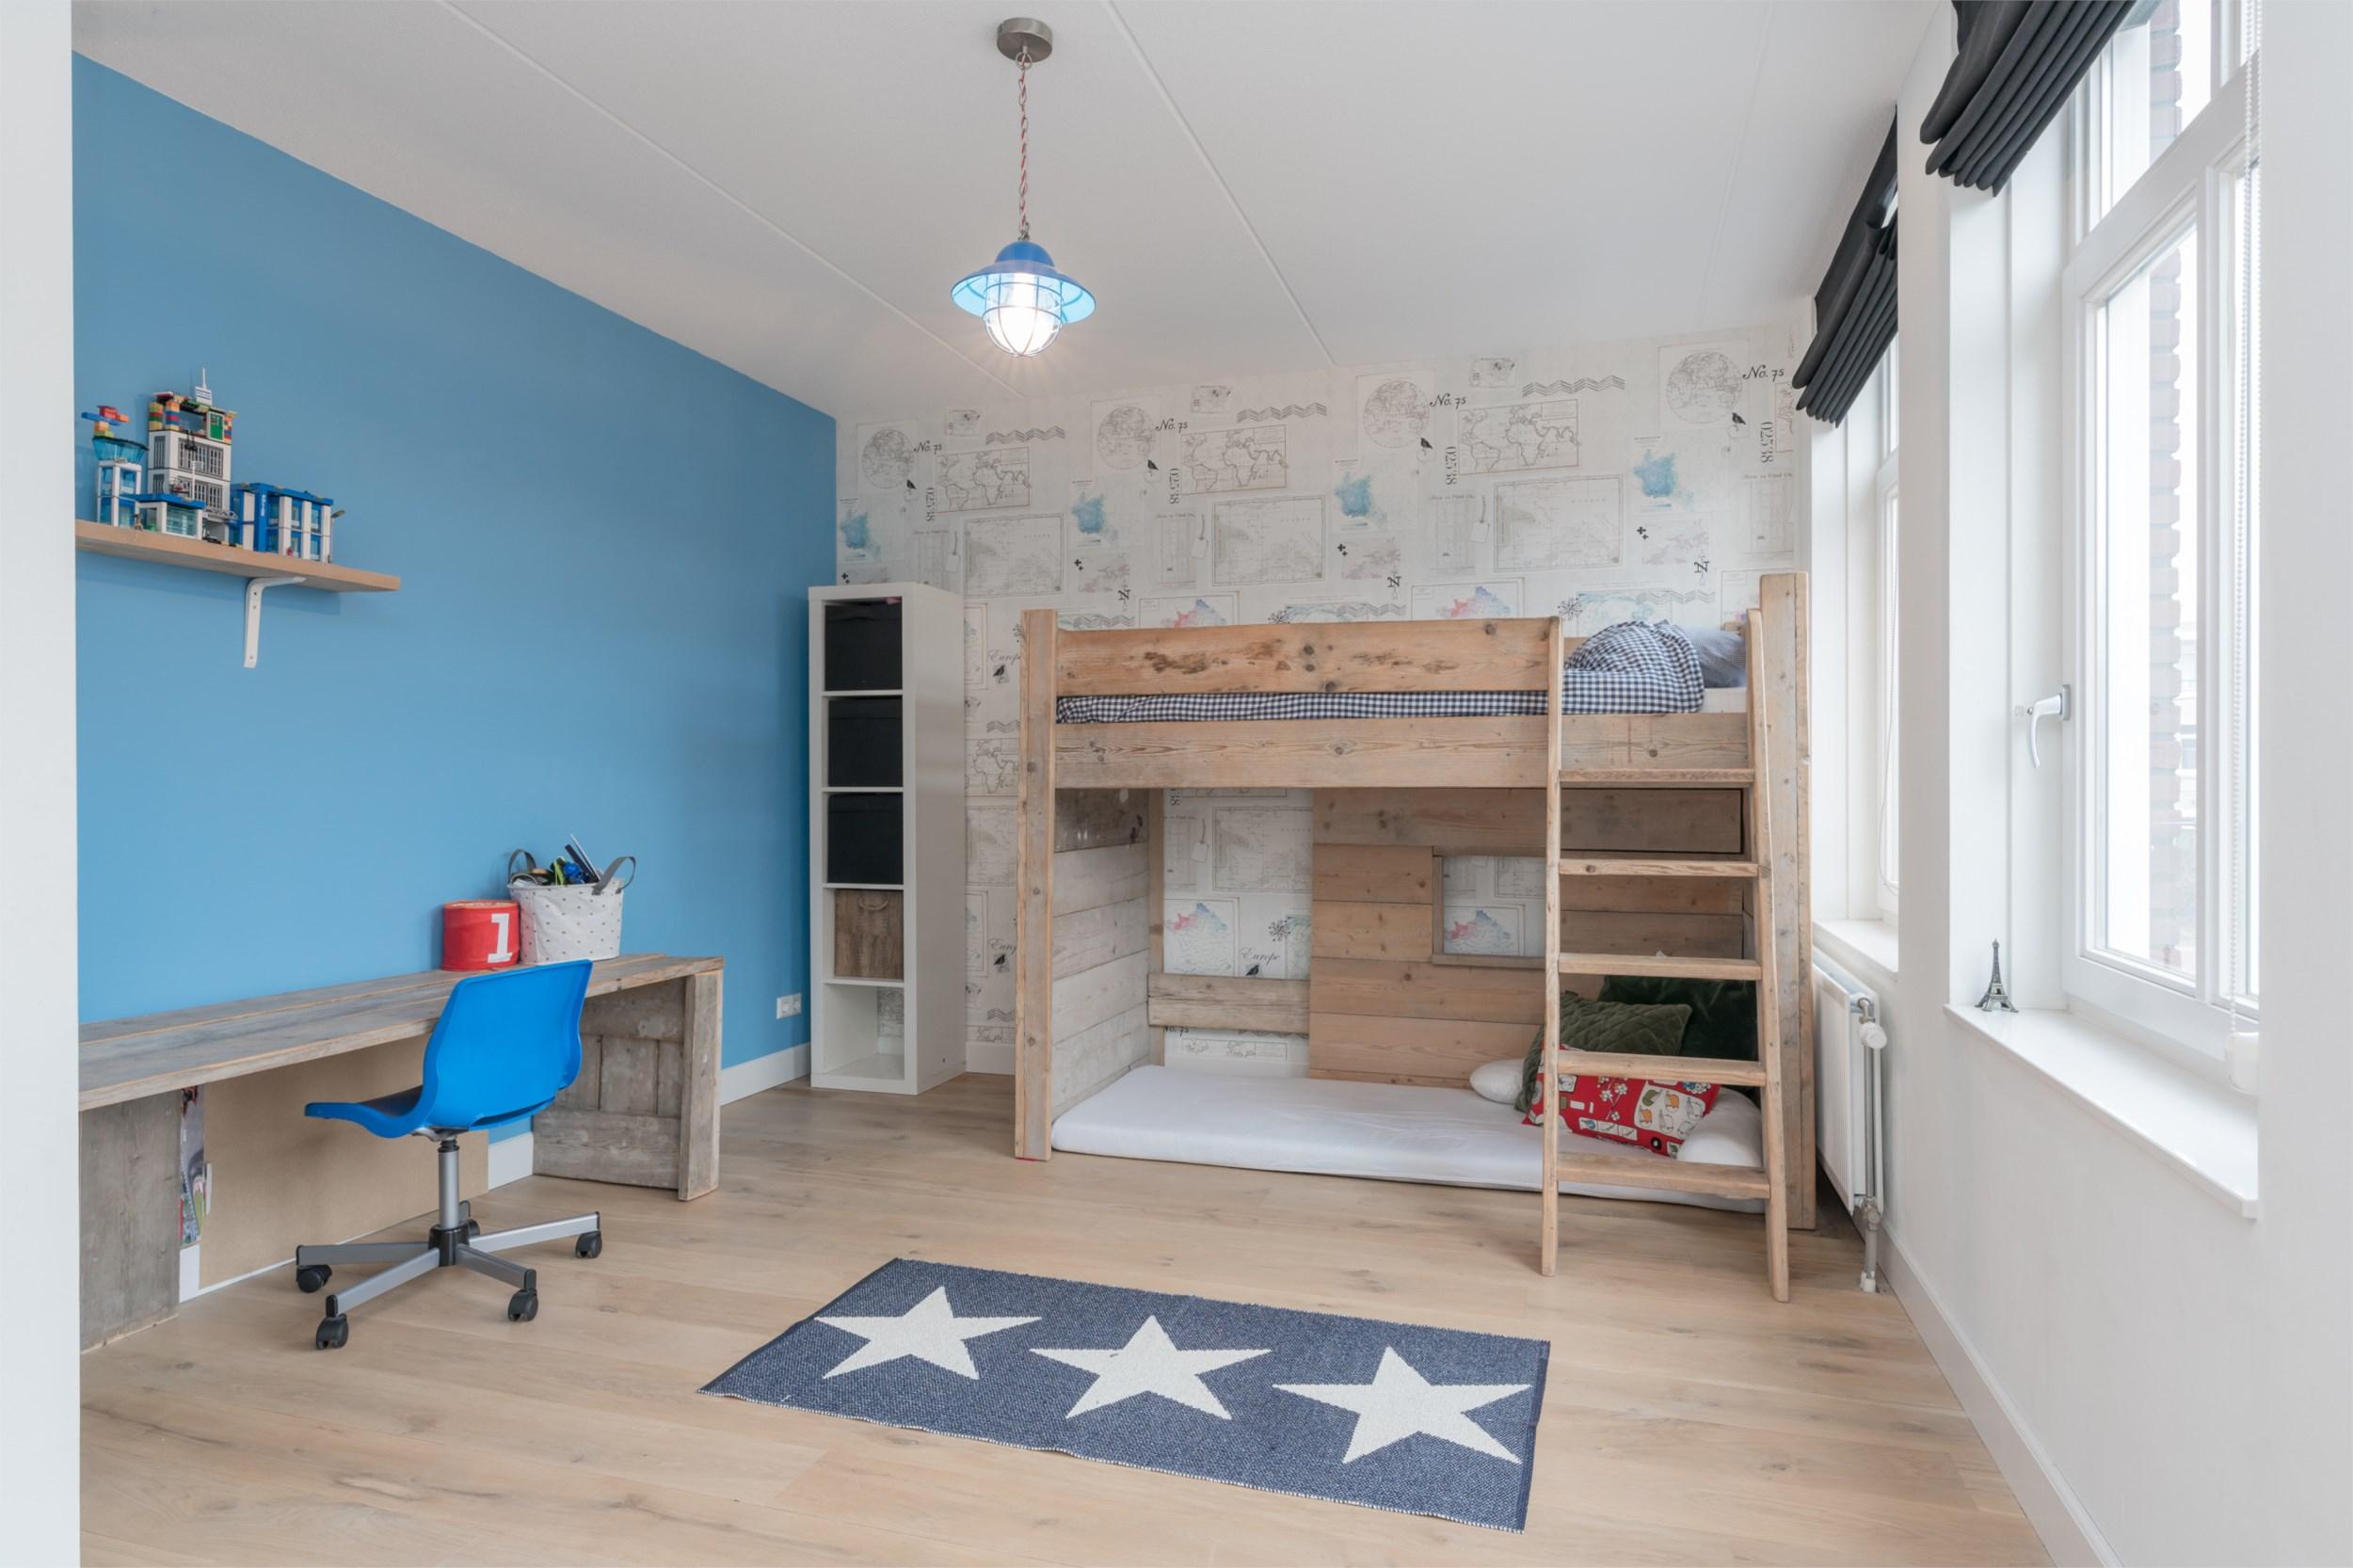 Kinderkamer 4